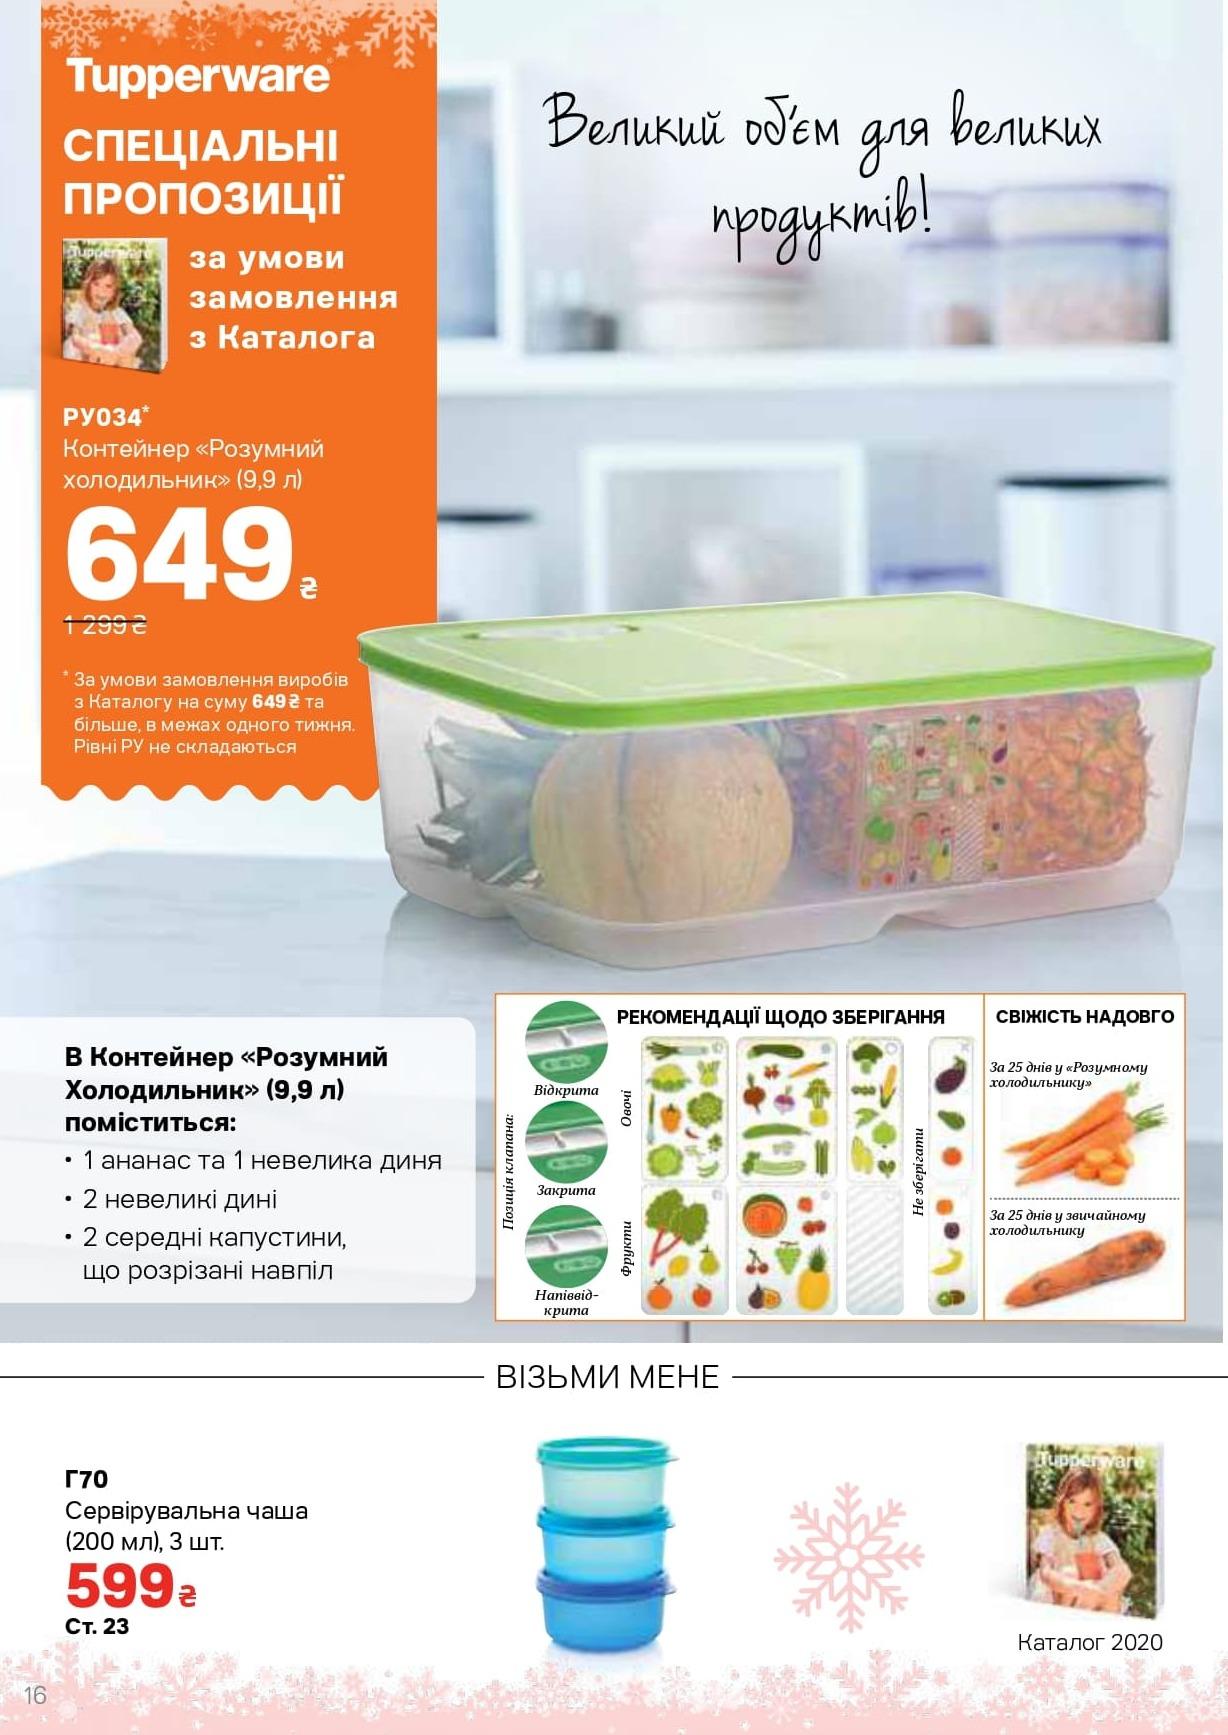 Контейнер умный холодильник мега больной 9,9 литра, мега скидка 50%.